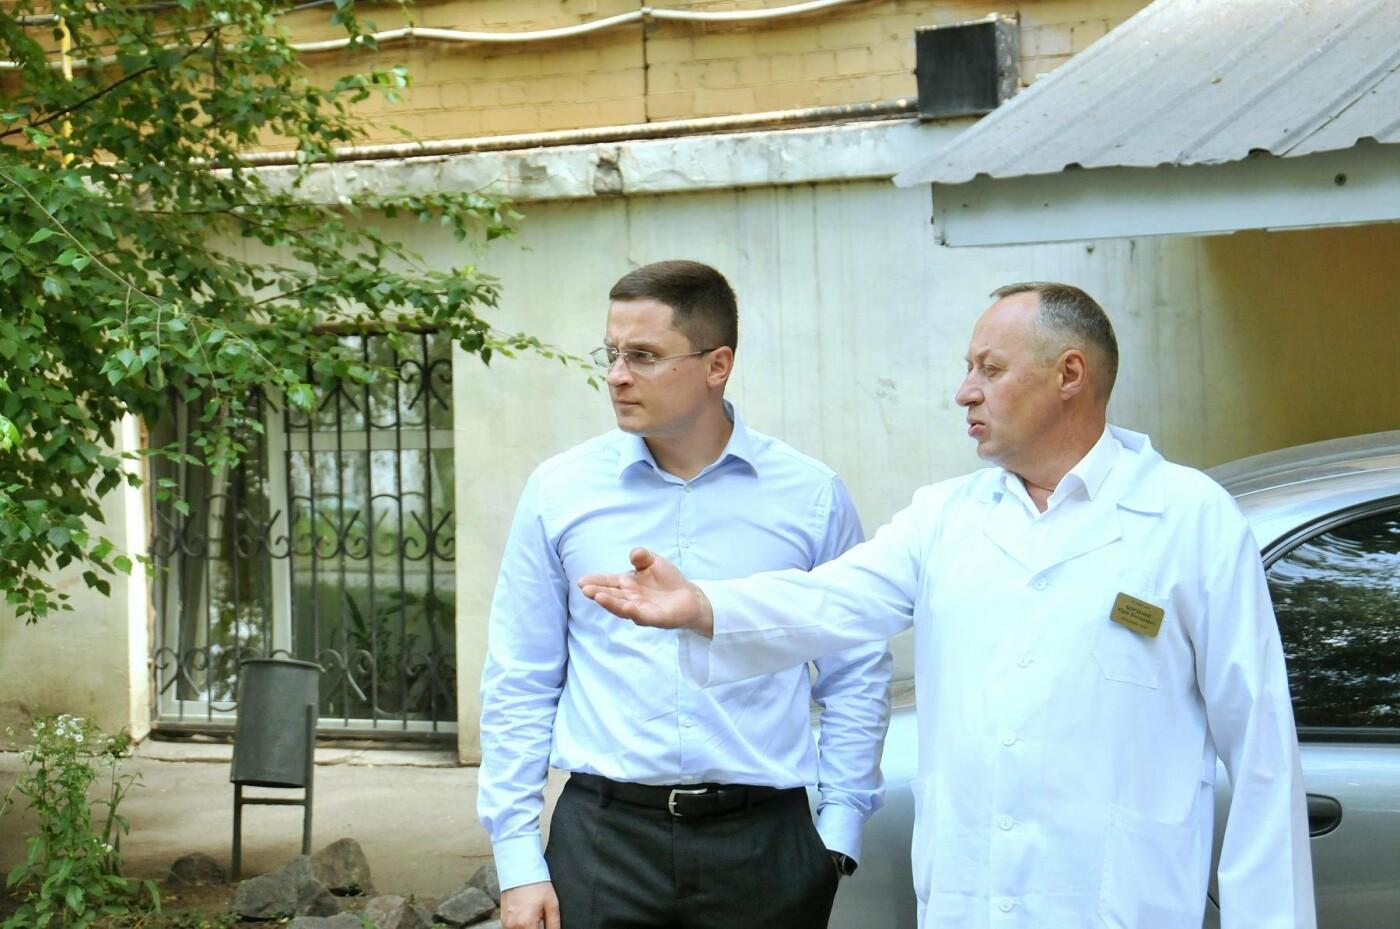 Владислав Марченко: Через месяц в областной детской больнице начнется демонтаж и строительство нового хирургического блока, фото-8